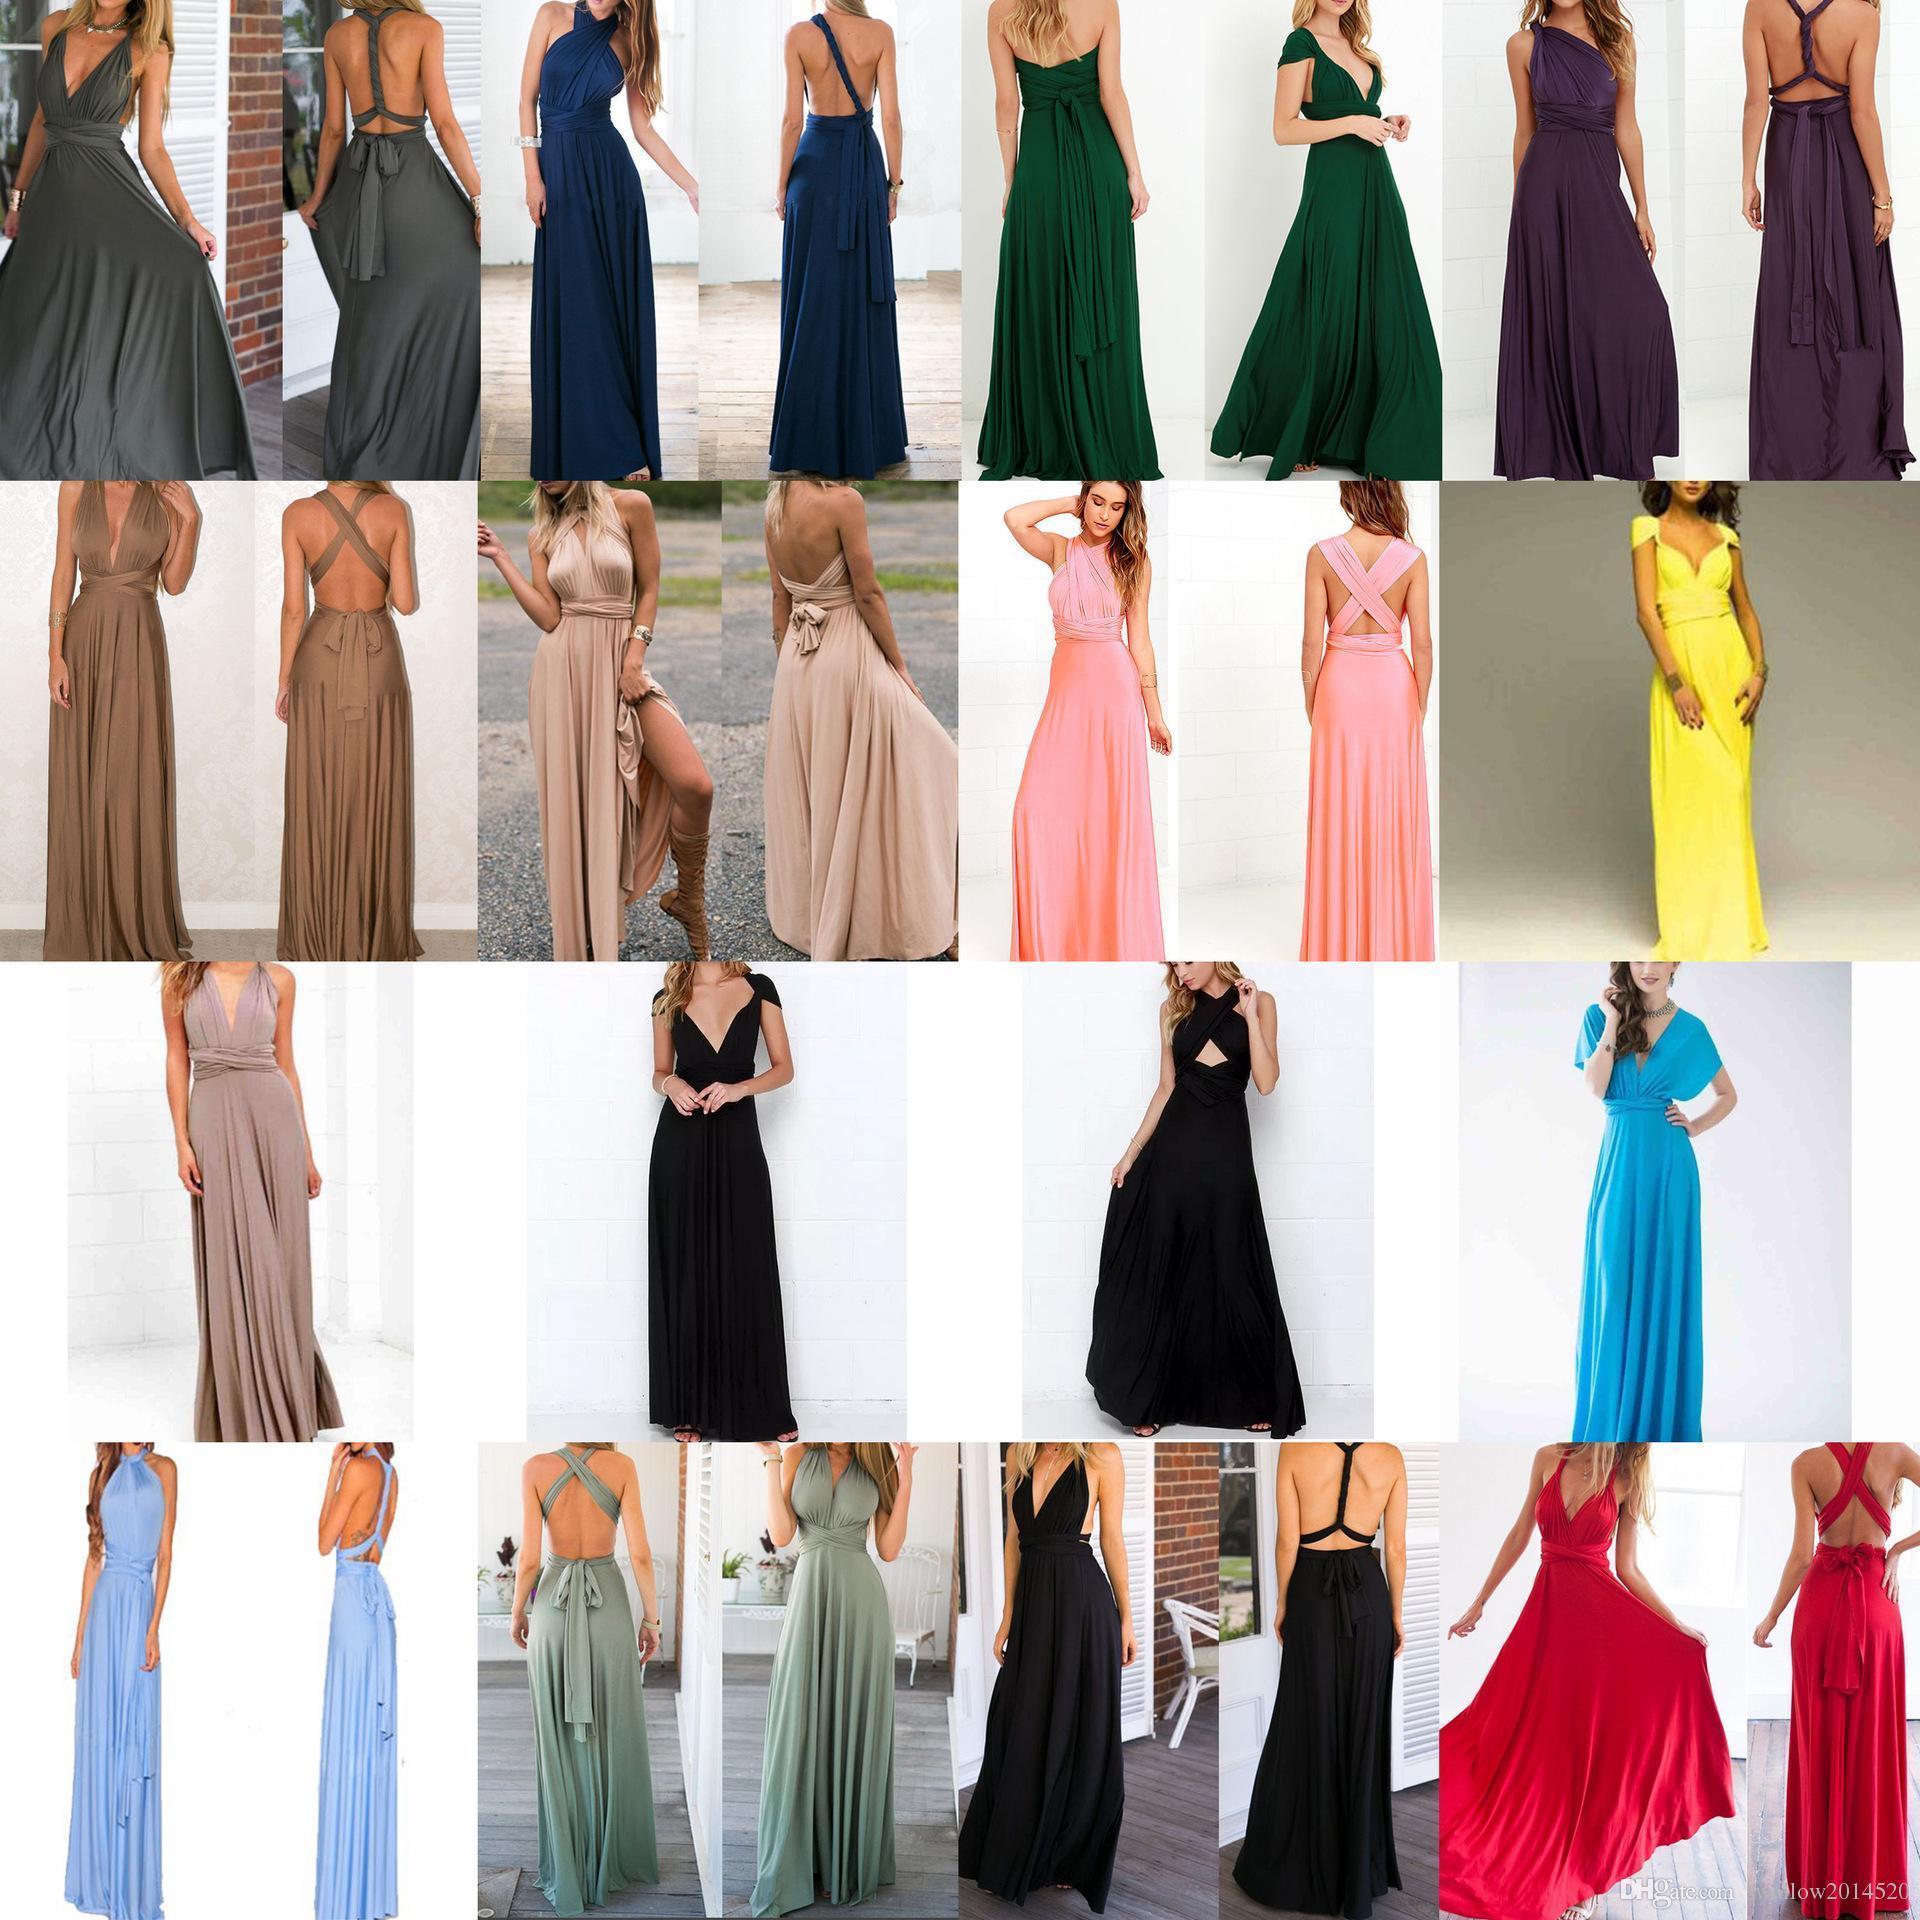 Wrap Verano De Varios Playa Roja Atractivo Convertibles Vendaje Vestidos Infinity Del Mujeres Maxi Las Vestido Robe Largo lTKcF1J